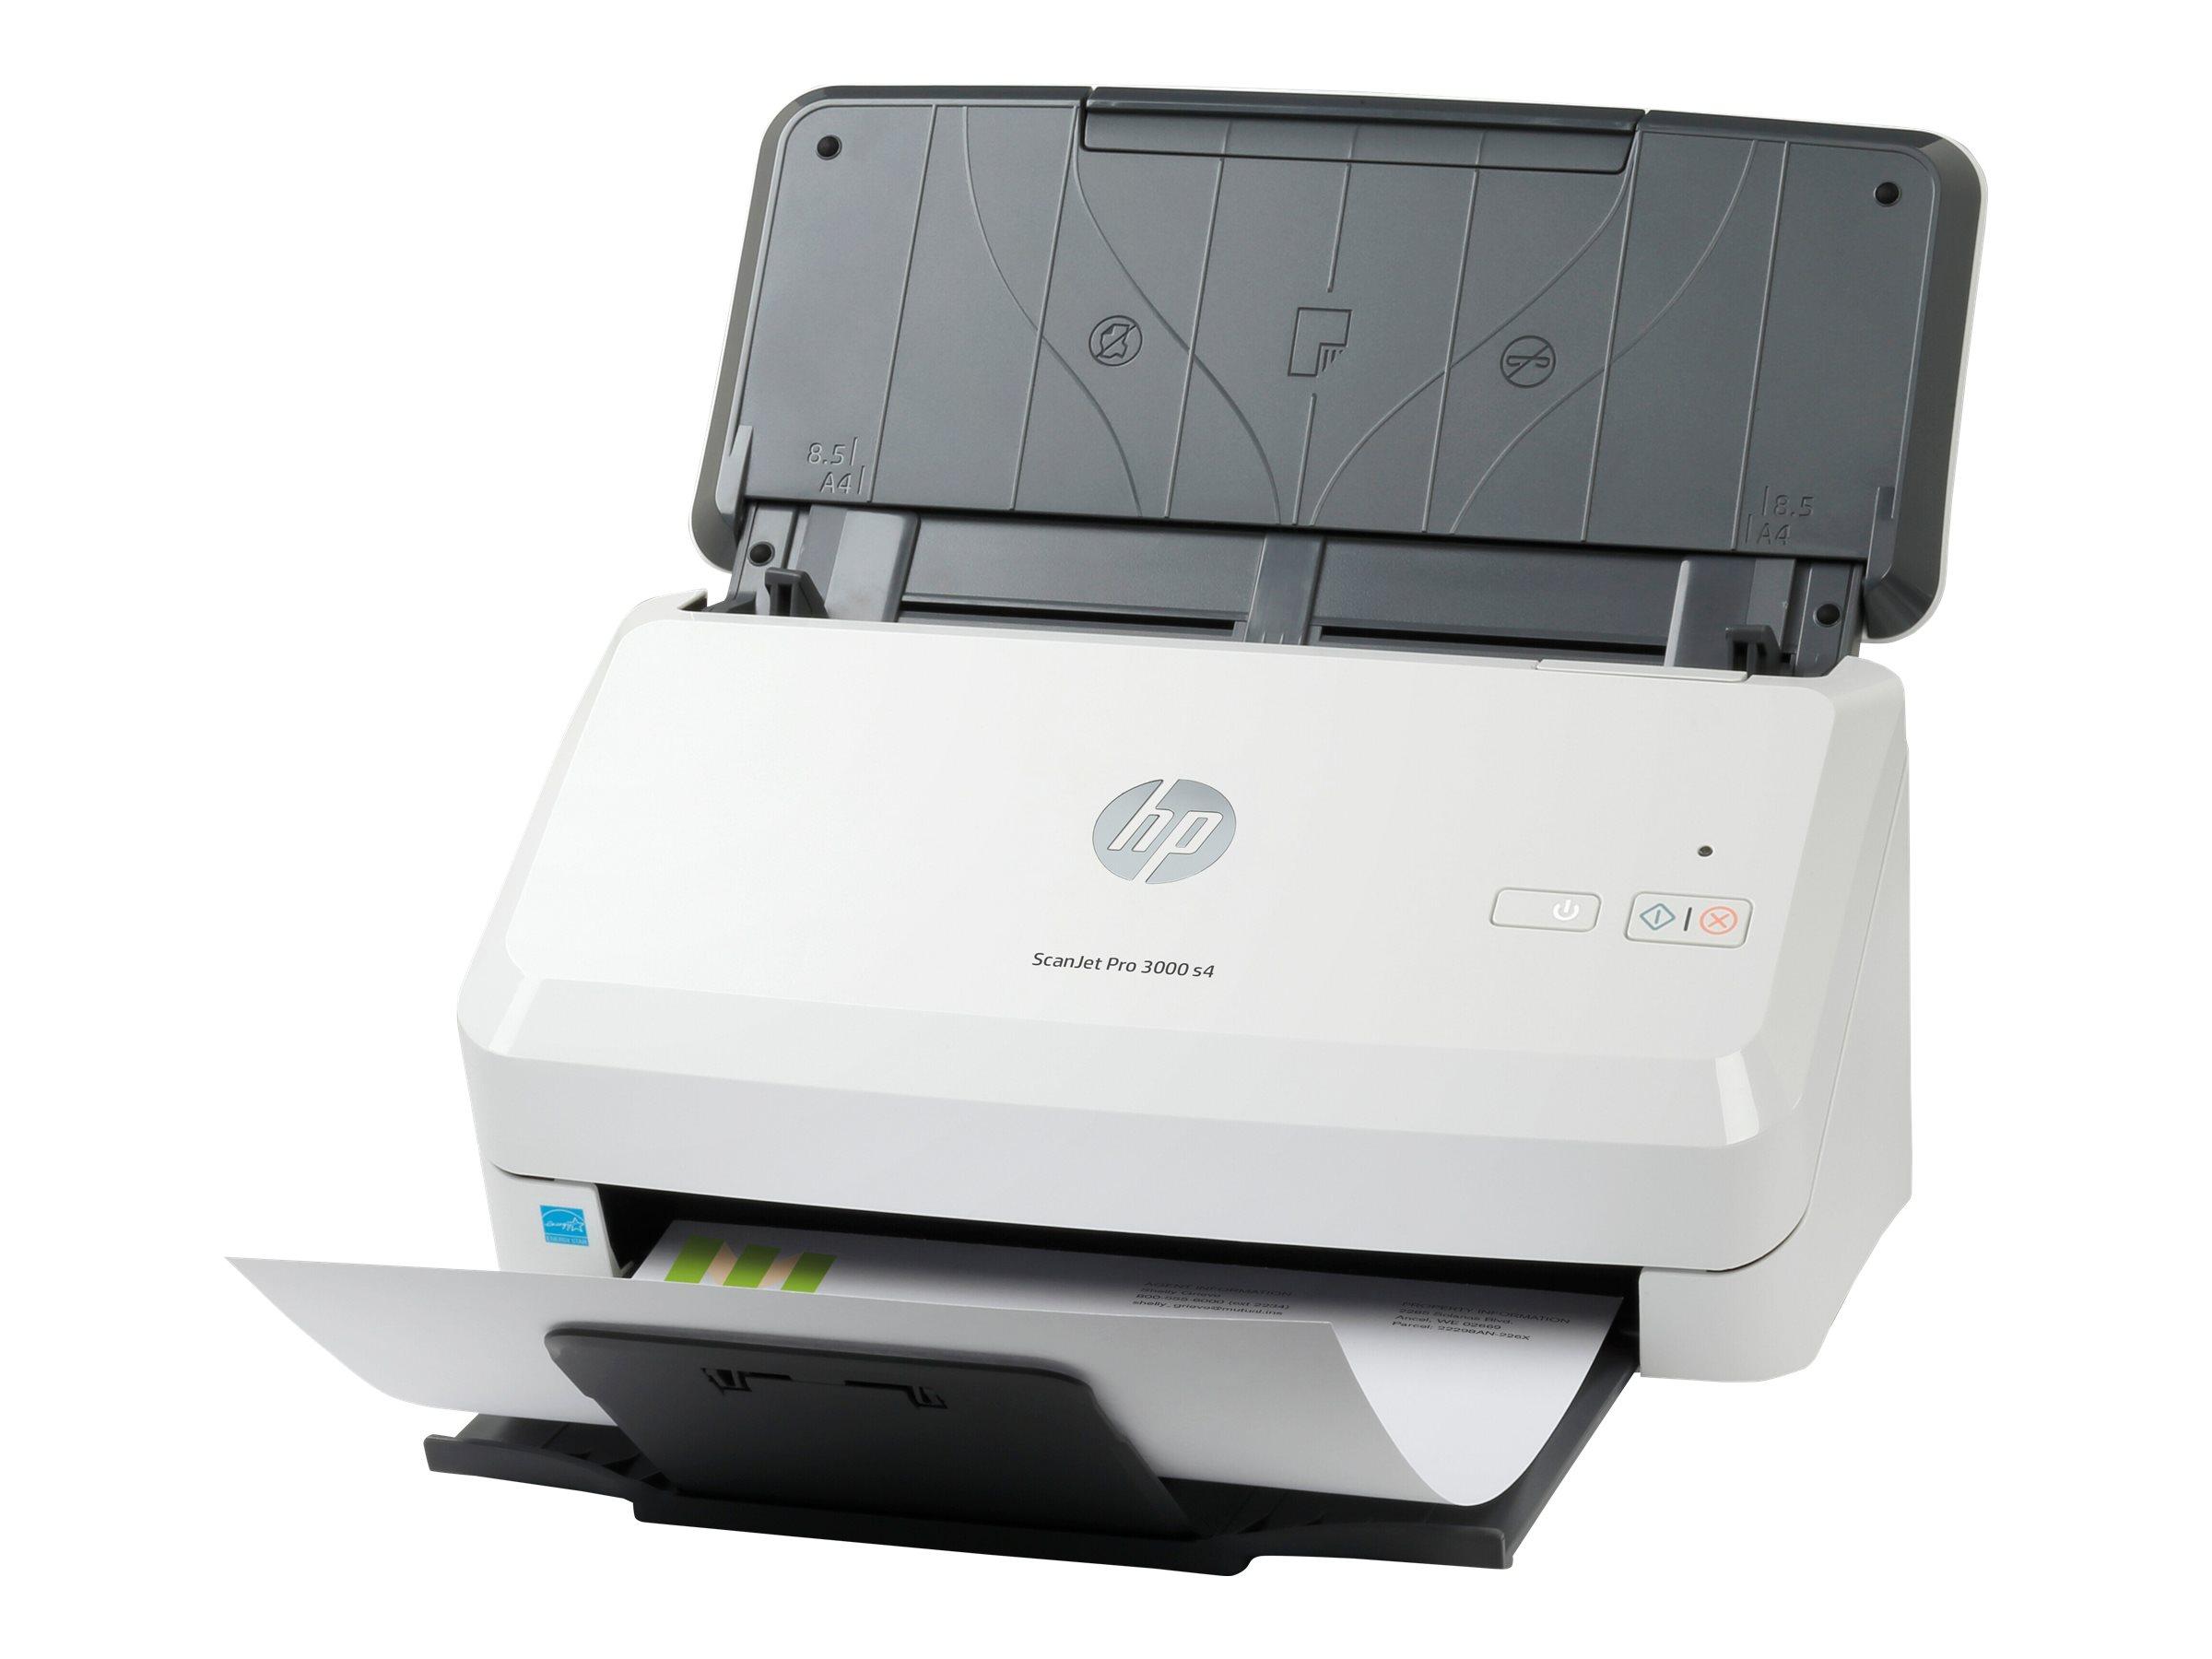 HP Scanjet Pro 3000 s4 Sheet-feed - Dokumentenscanner - CMOS / CIS - Duplex - 216 x 3100 mm - 600 dpi x 600 dpi - bis zu 40 Seiten/Min. (einfarbig)